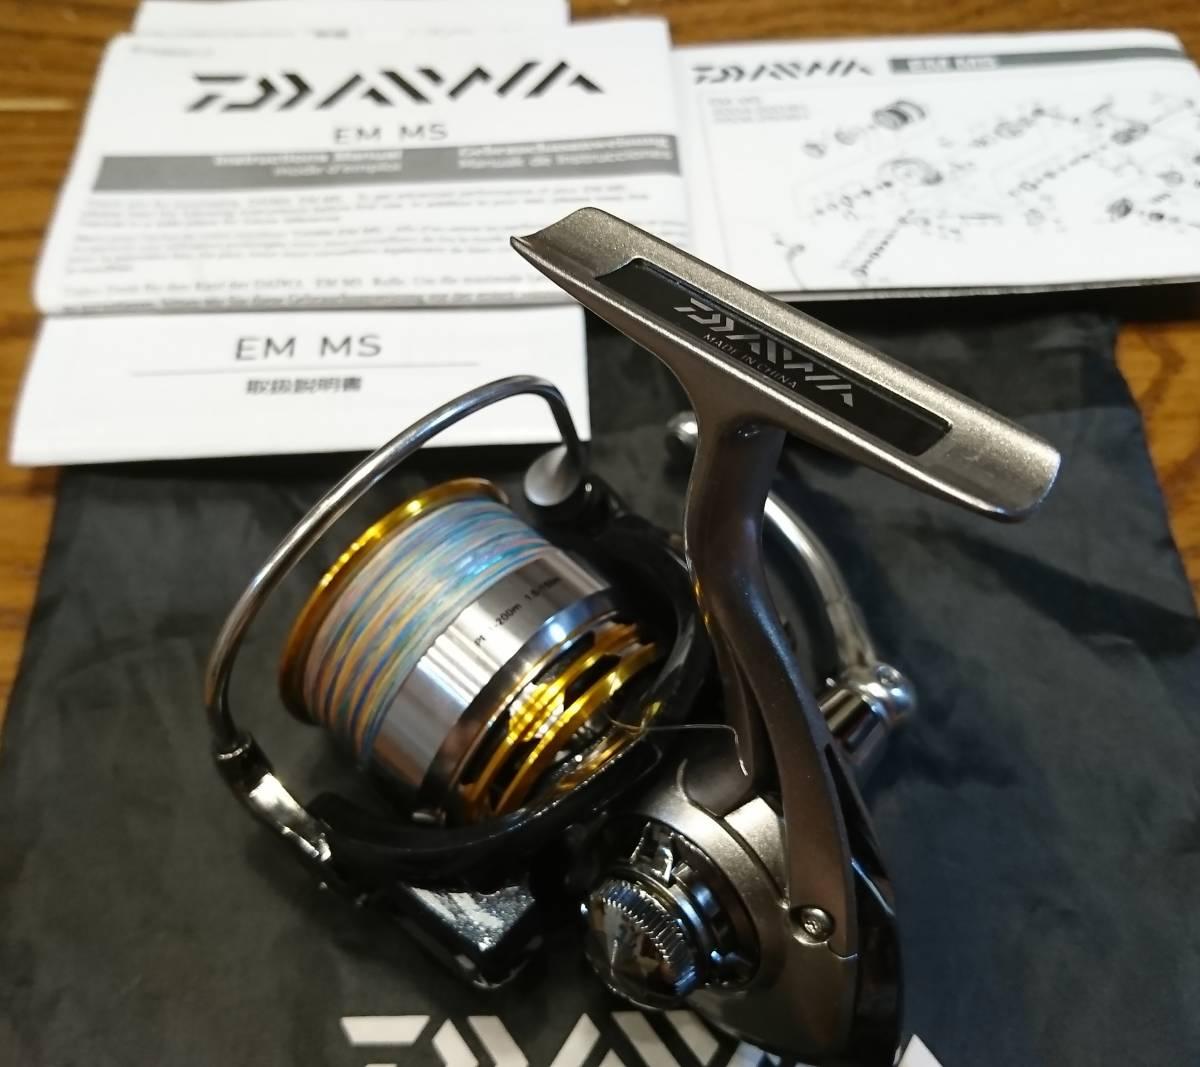 DAIWAダイワEM MS2510PE-H 淡水で1度だけ使用しました。 極美品!_画像3